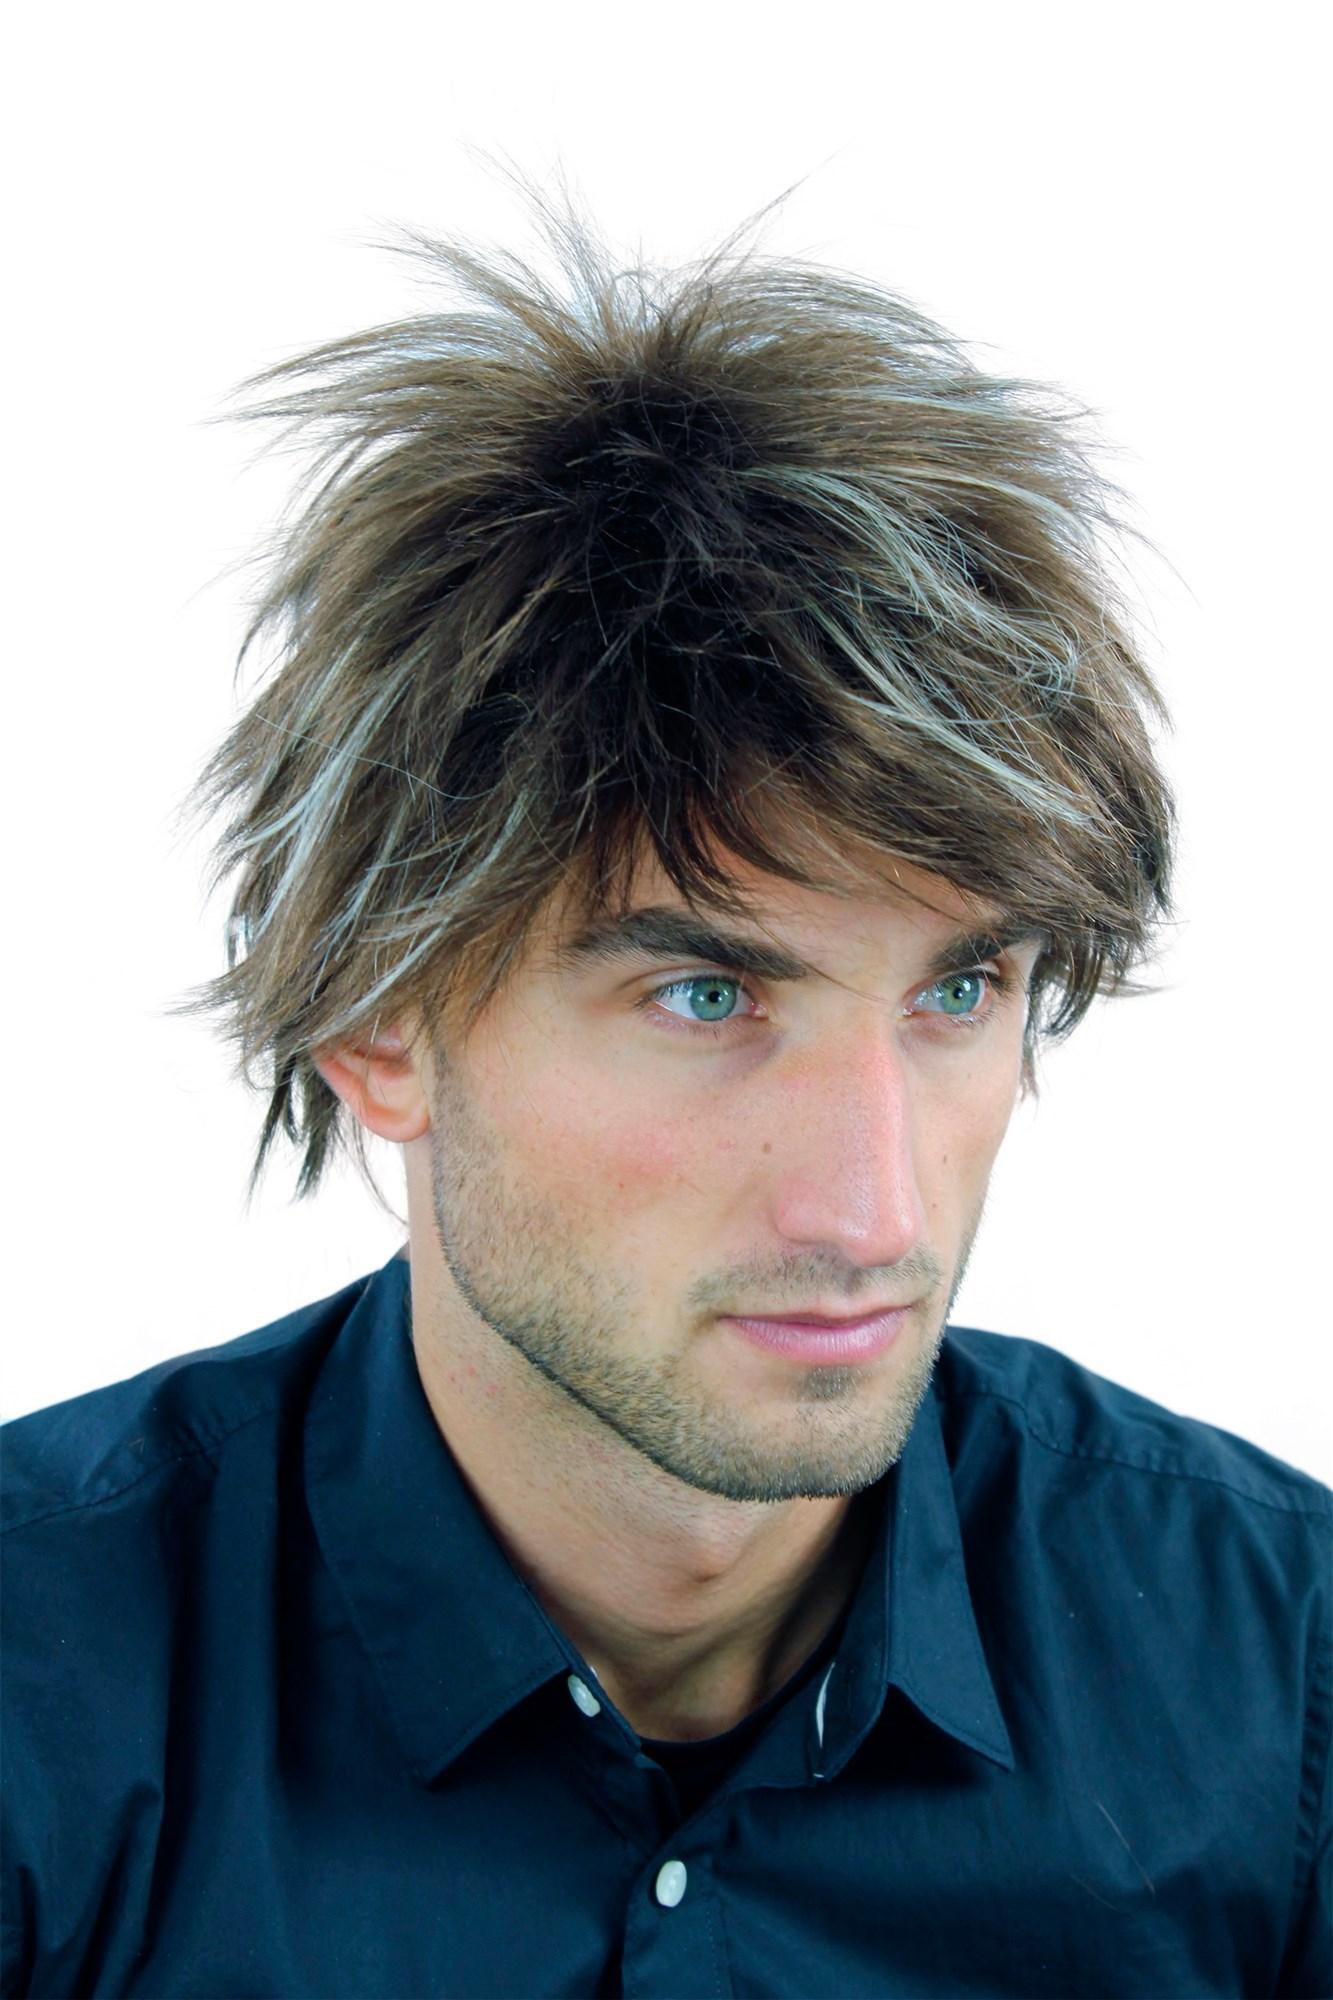 Strähnen bei männern blonde Blonde haare